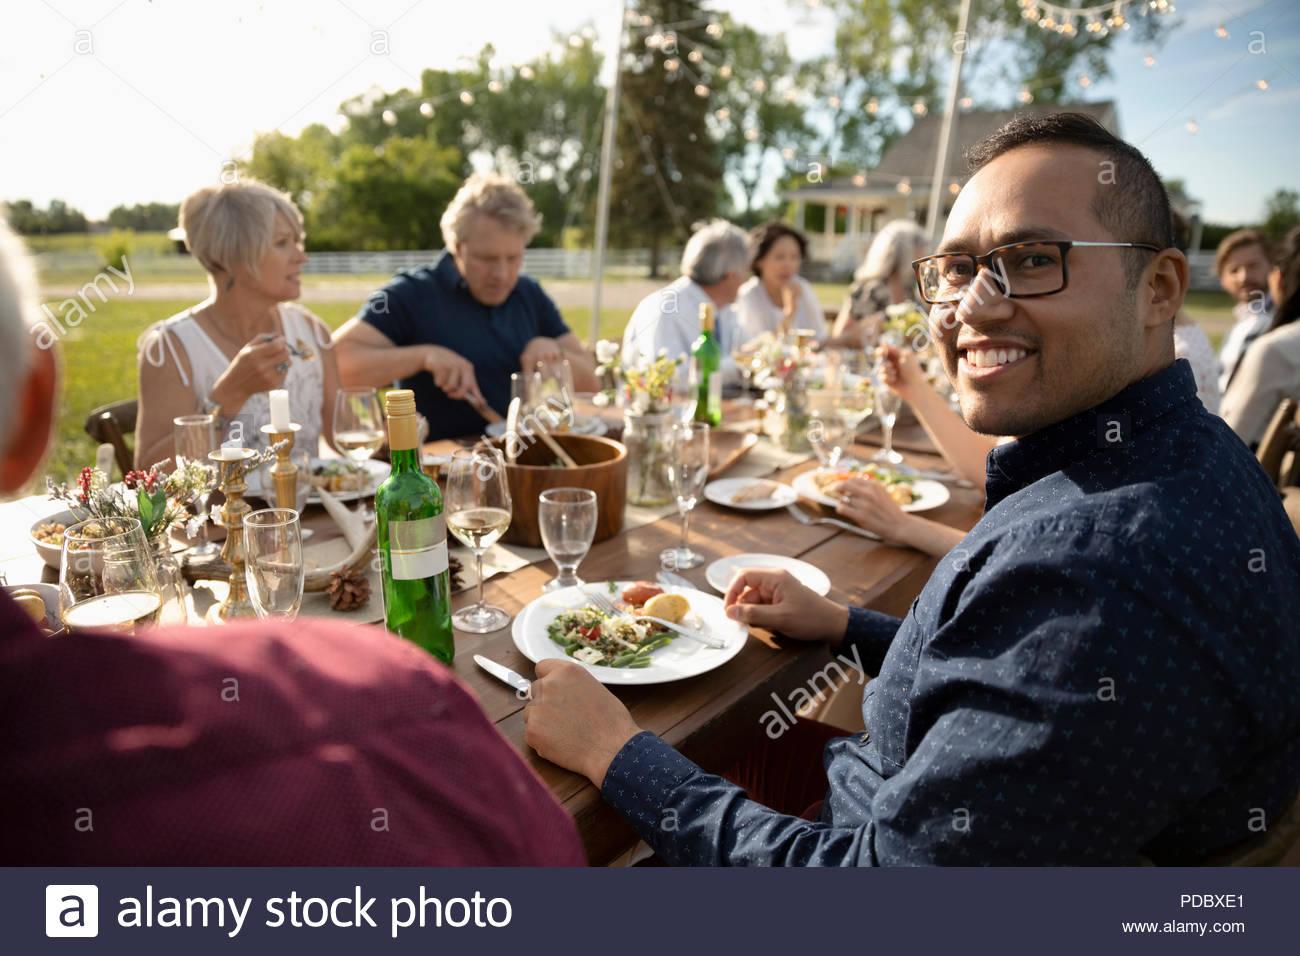 Ritratto uomo sorridente godendo soleggiato giardino partito il pranzo Immagini Stock